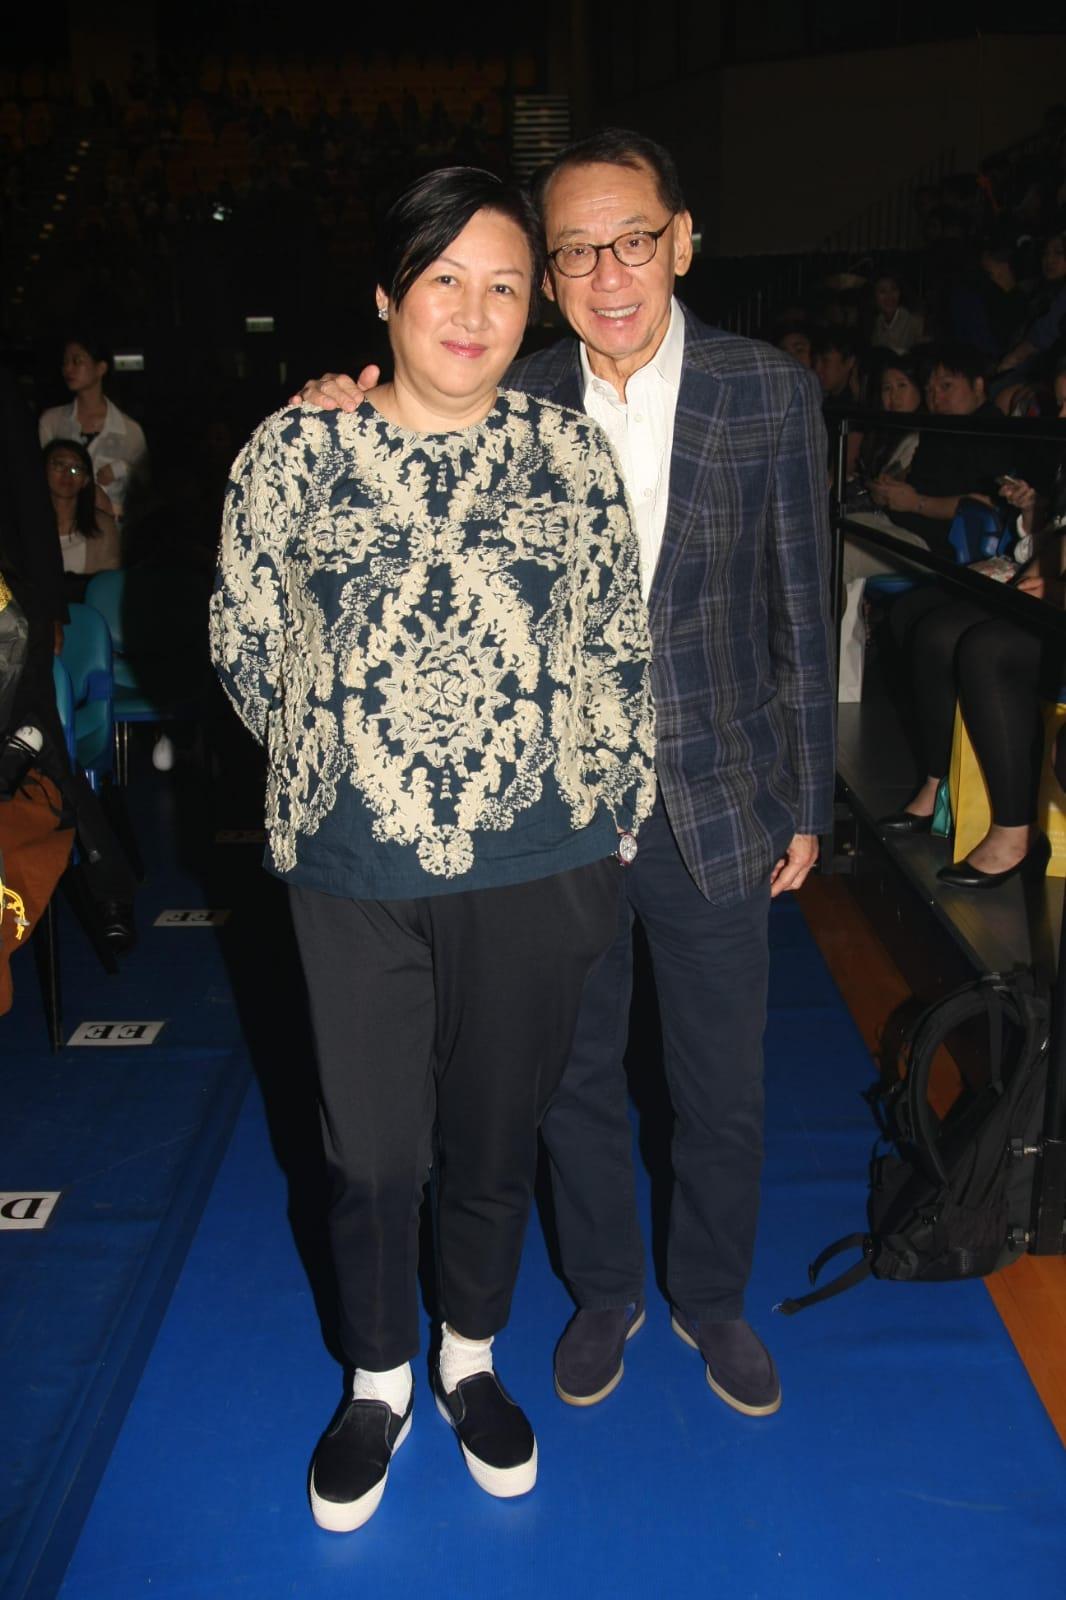 楊受成與太太一起到場欣賞演出。